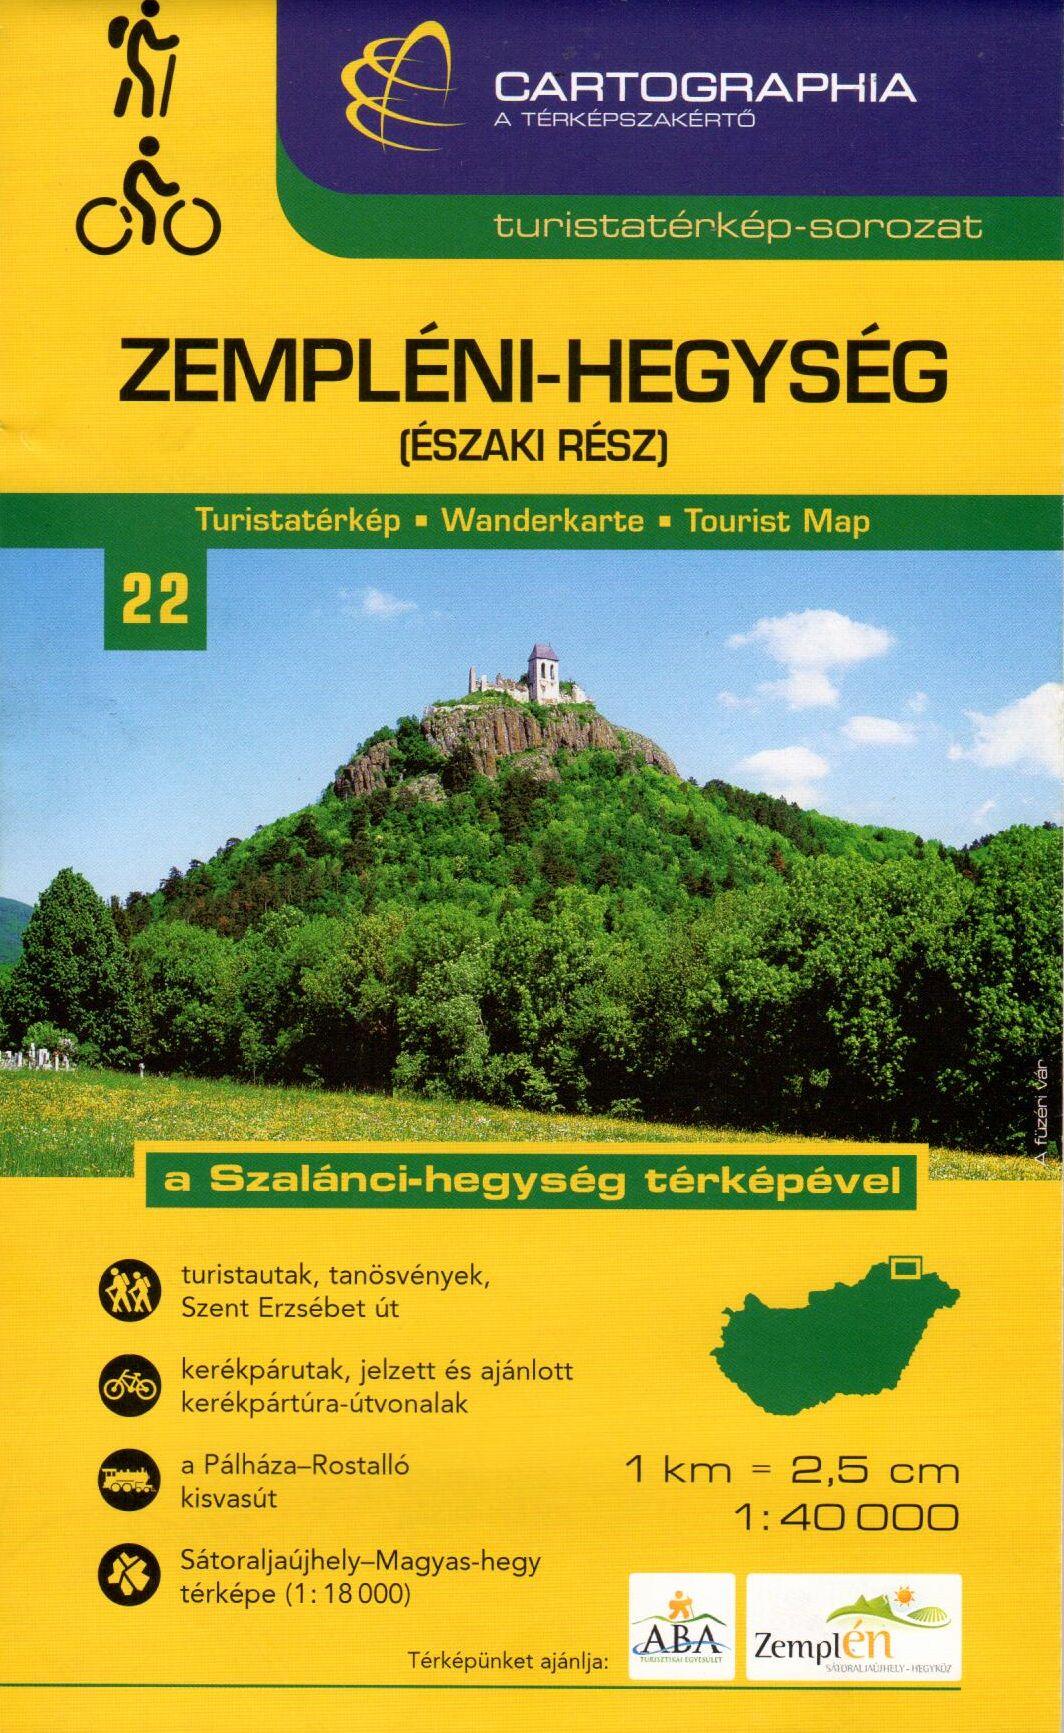 A Szalánci-hegység (Szlovákia) térképével